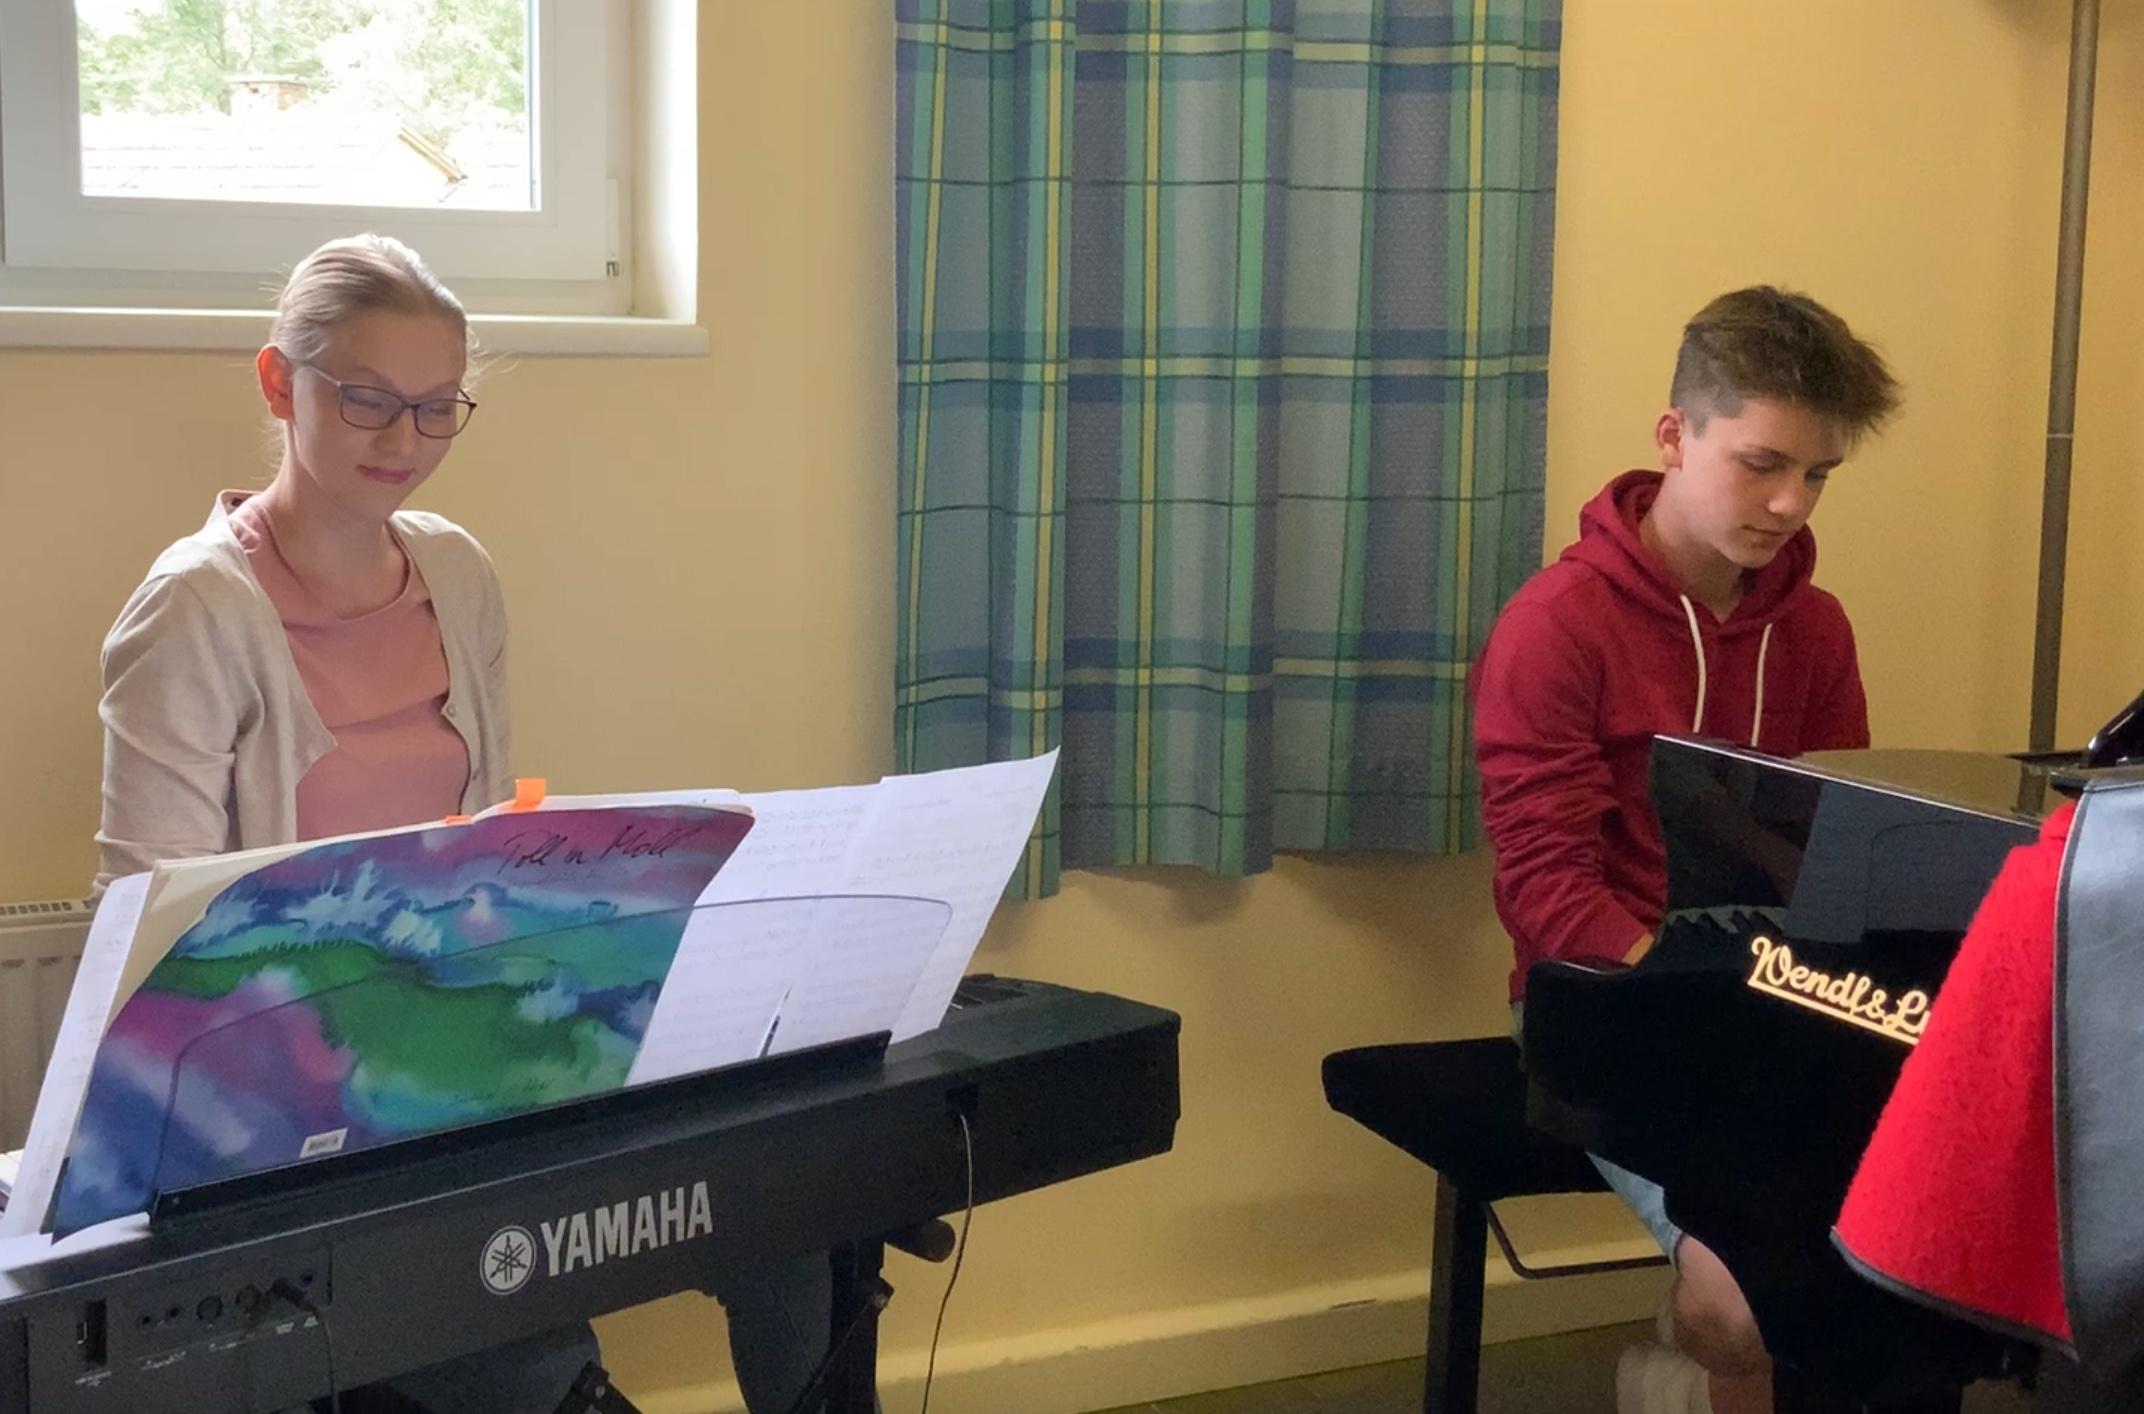 Sandra und Markus auf zwei Klavieren